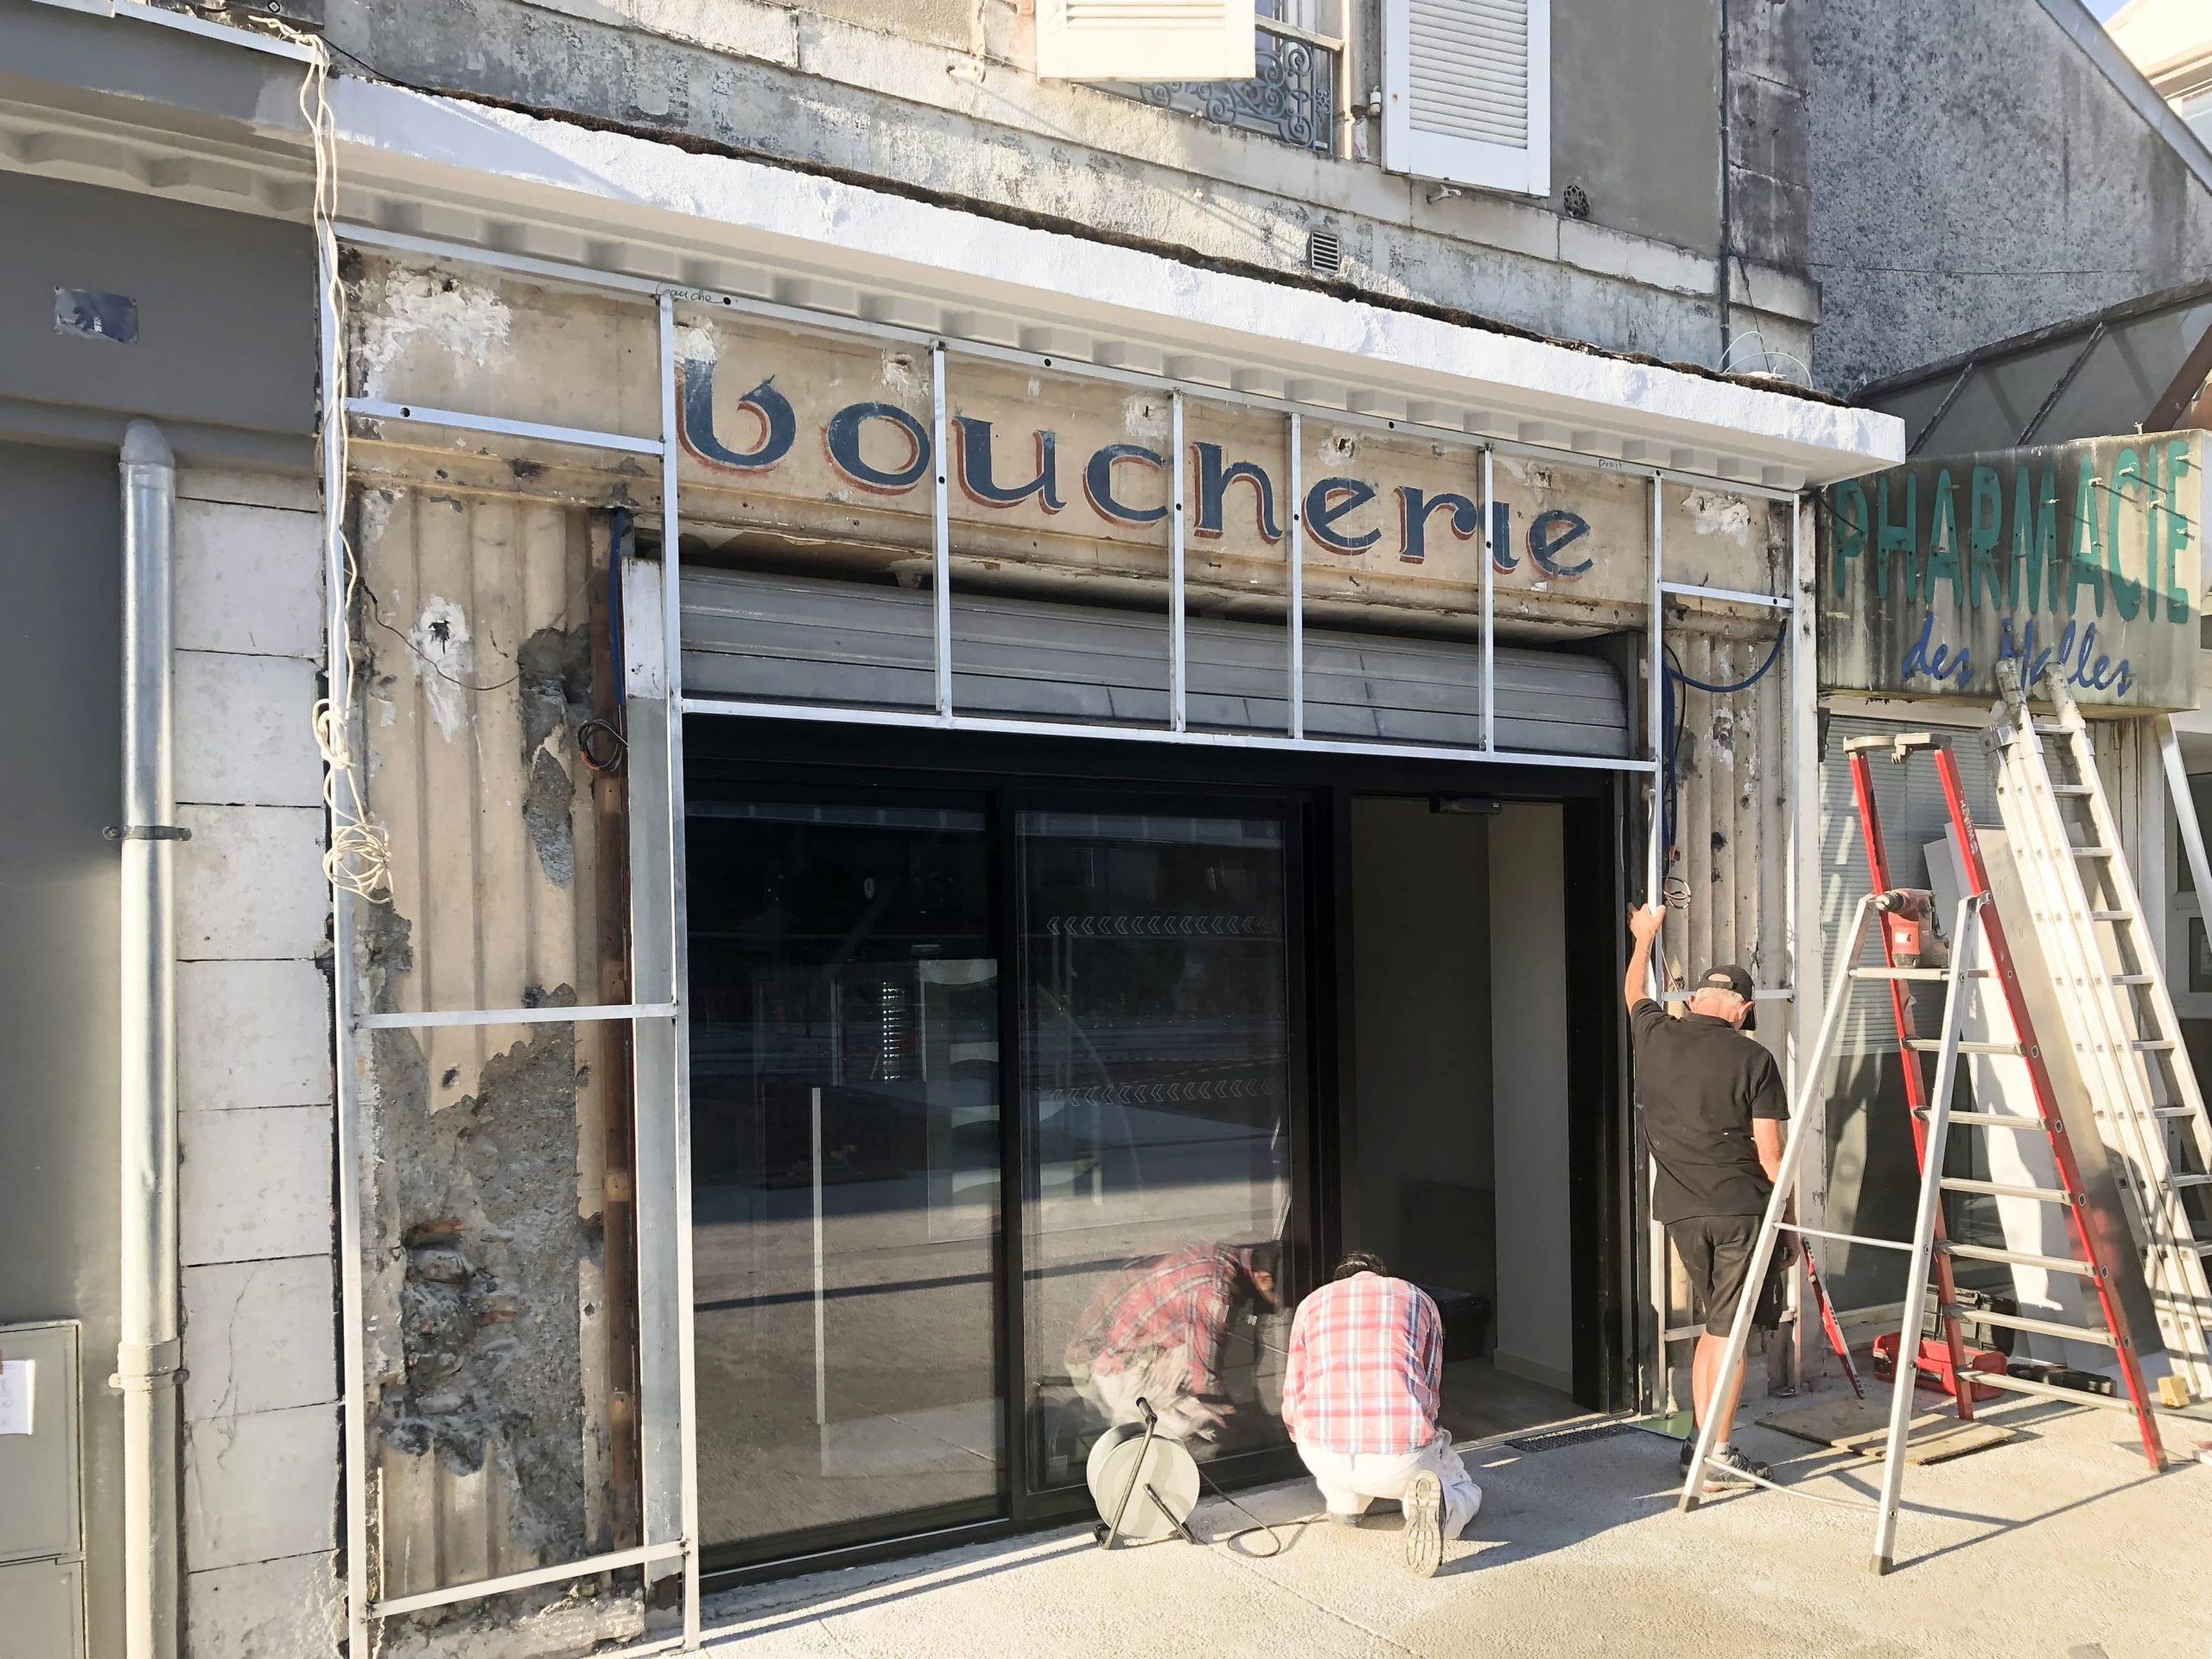 Boulangerie DARRIGRAND Halles_7786_DxO